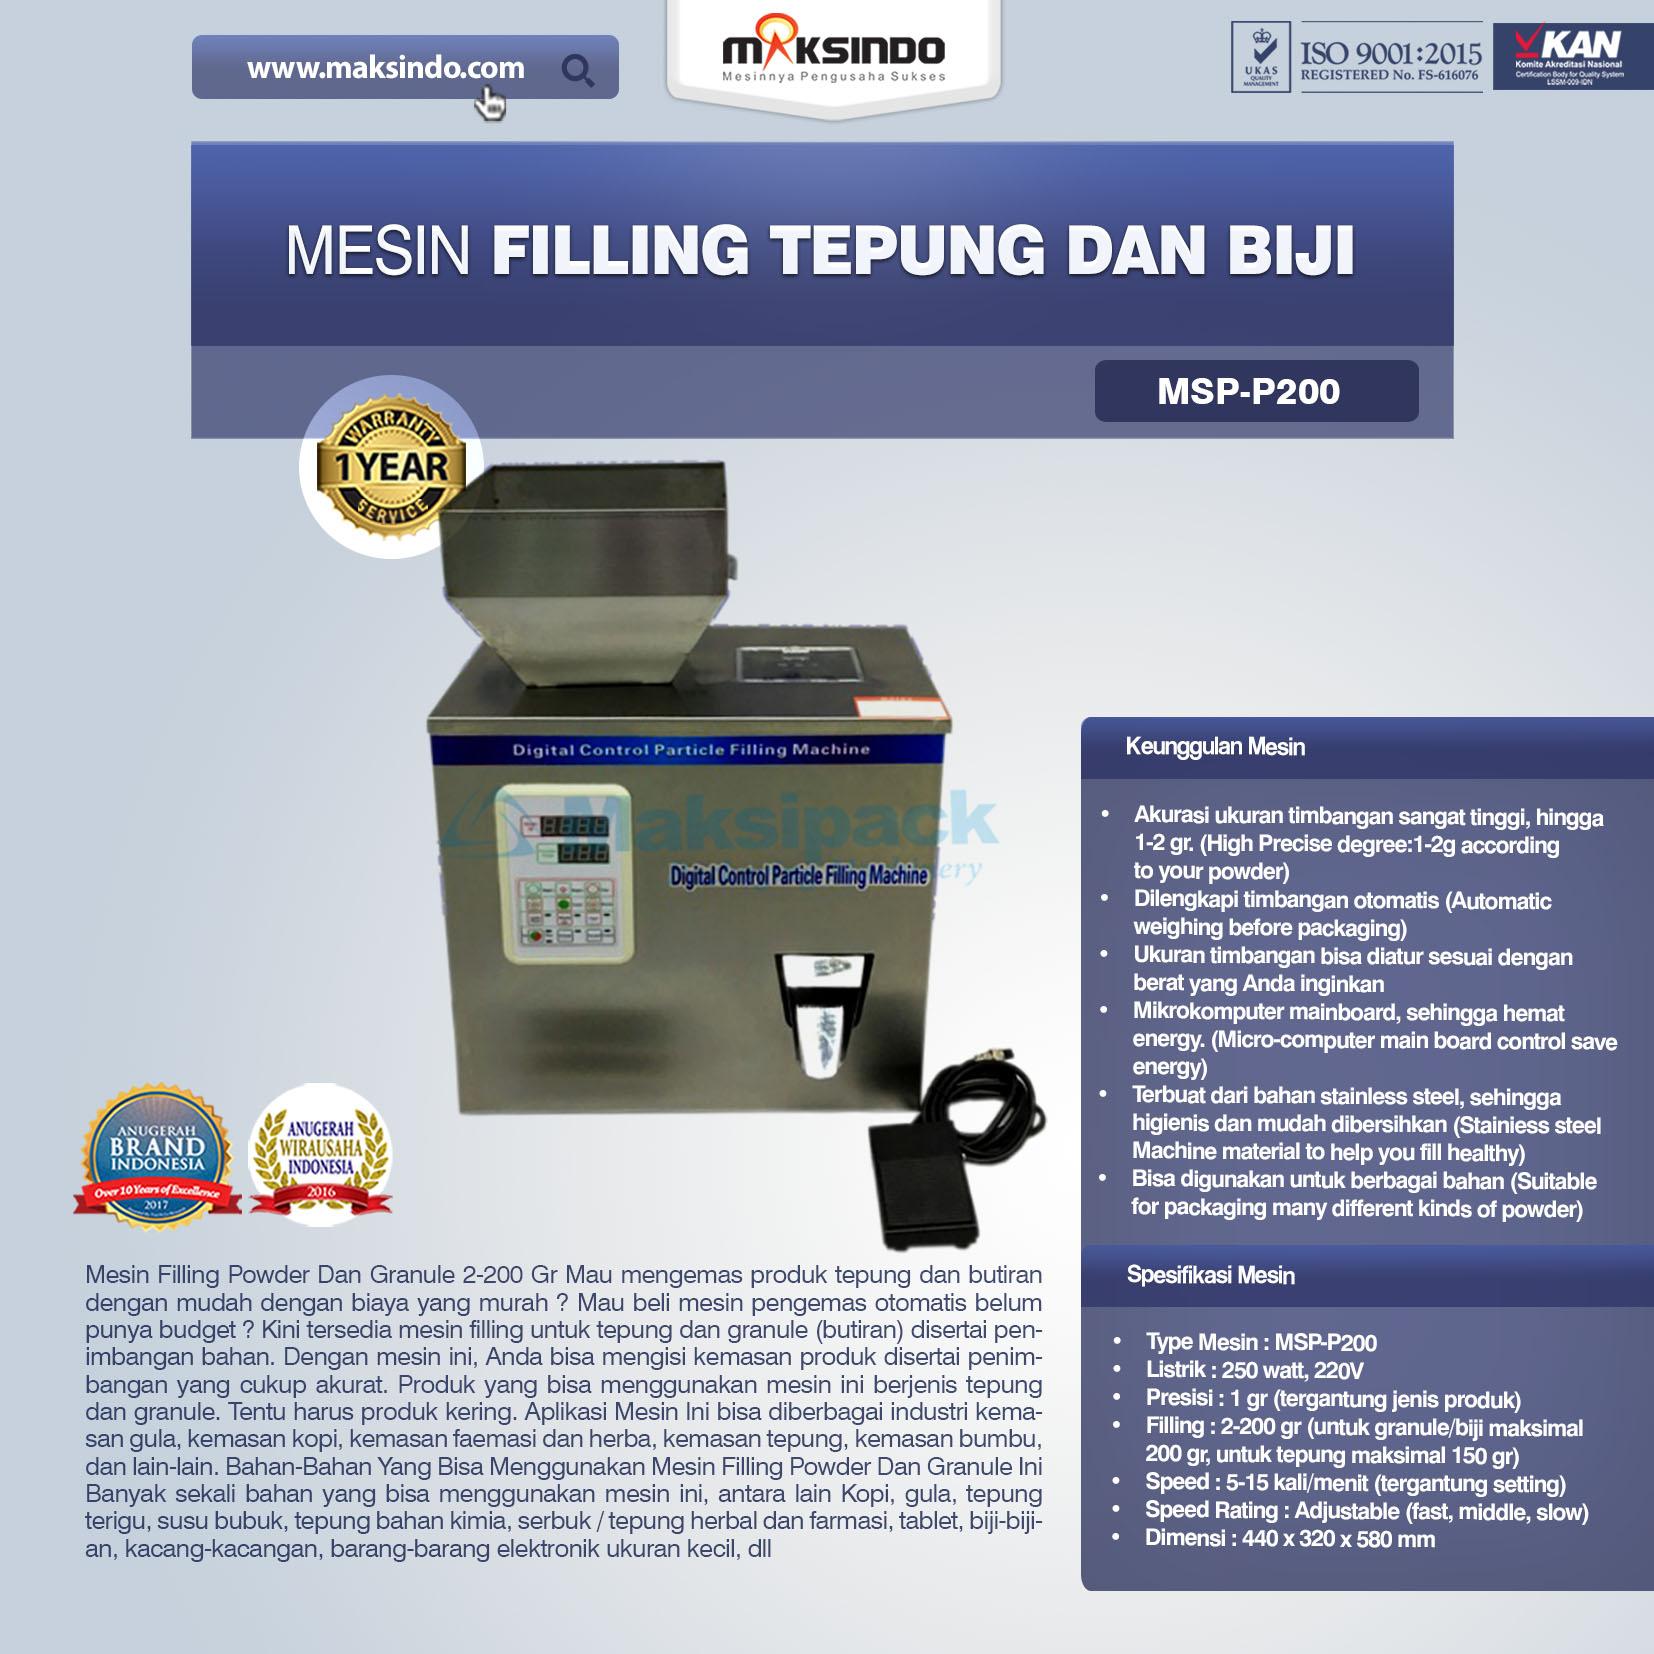 Mesin Filling Tepung Dan Biji MSP-P200